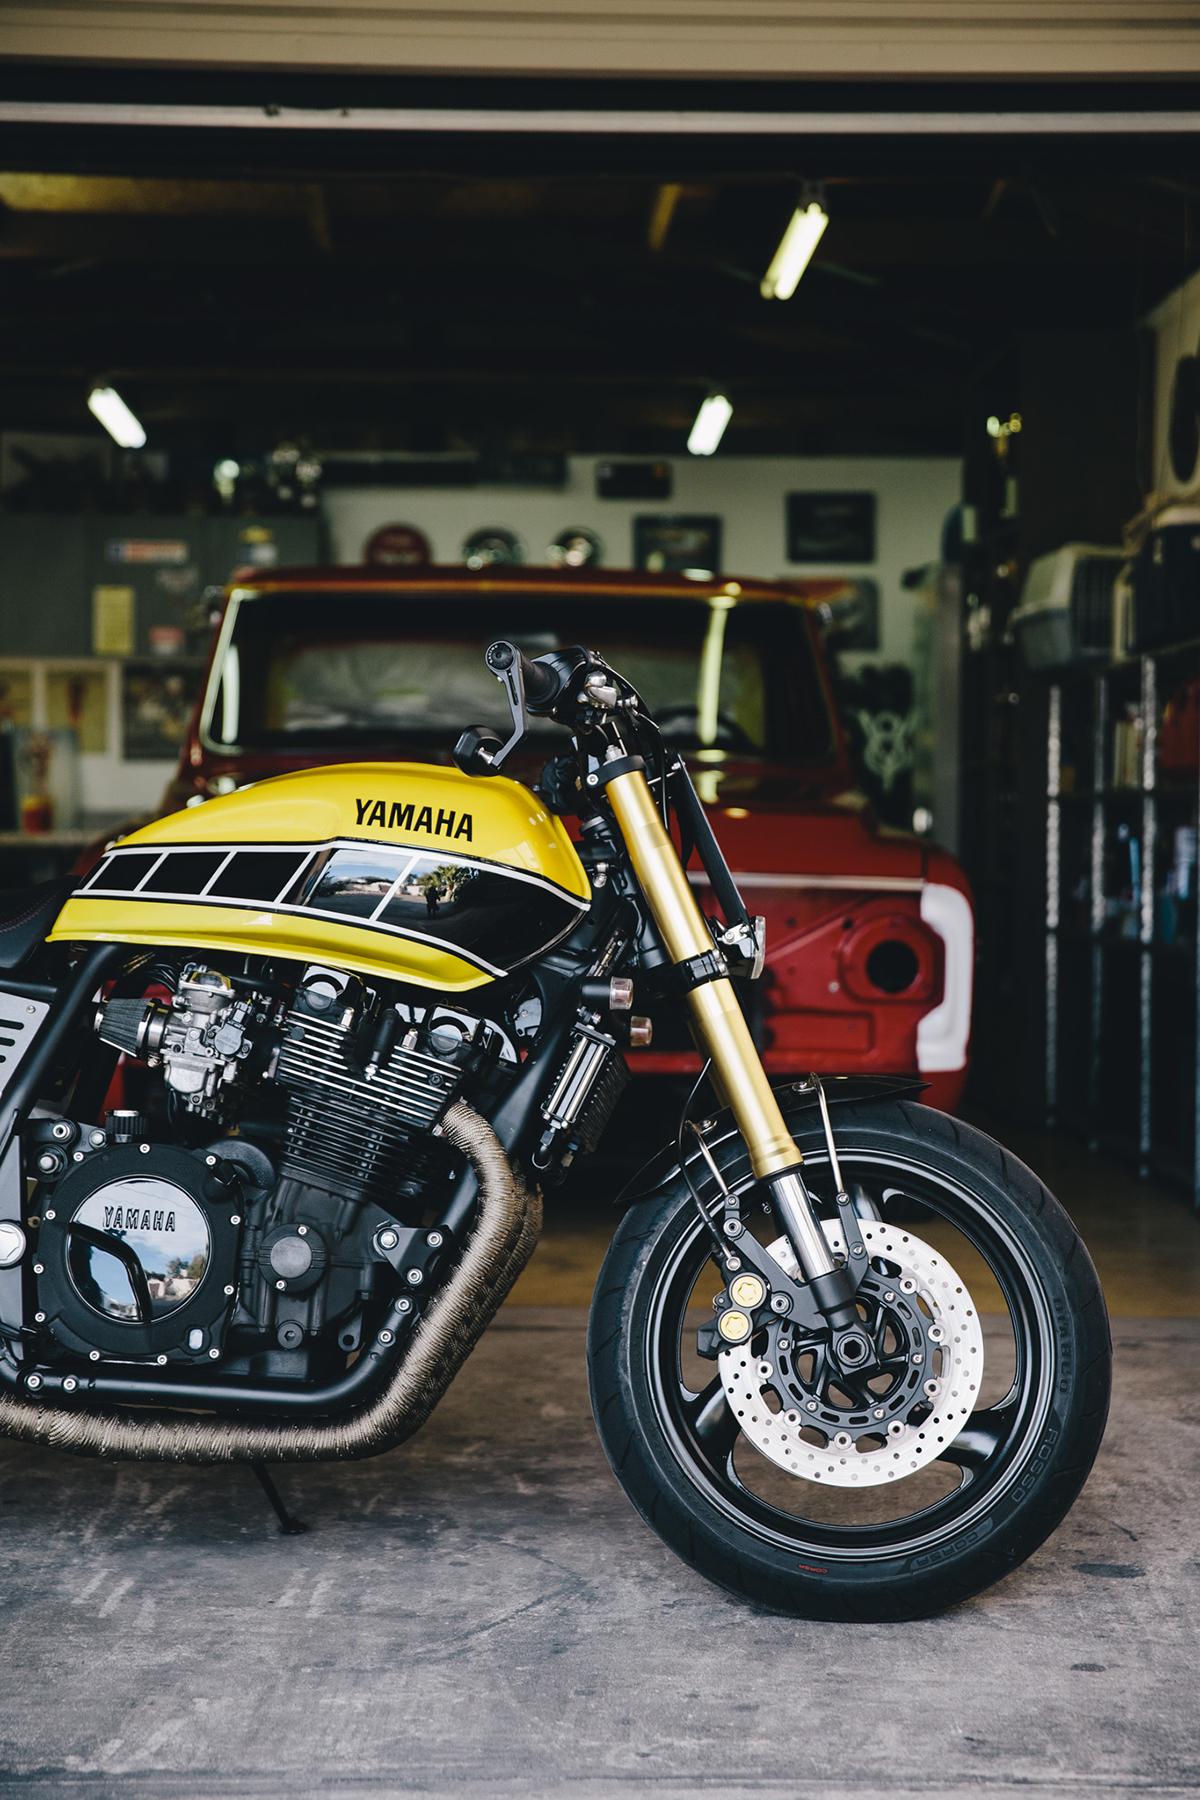 Yamaha_XJR1300_Chevrolet_C1020160822 (1)